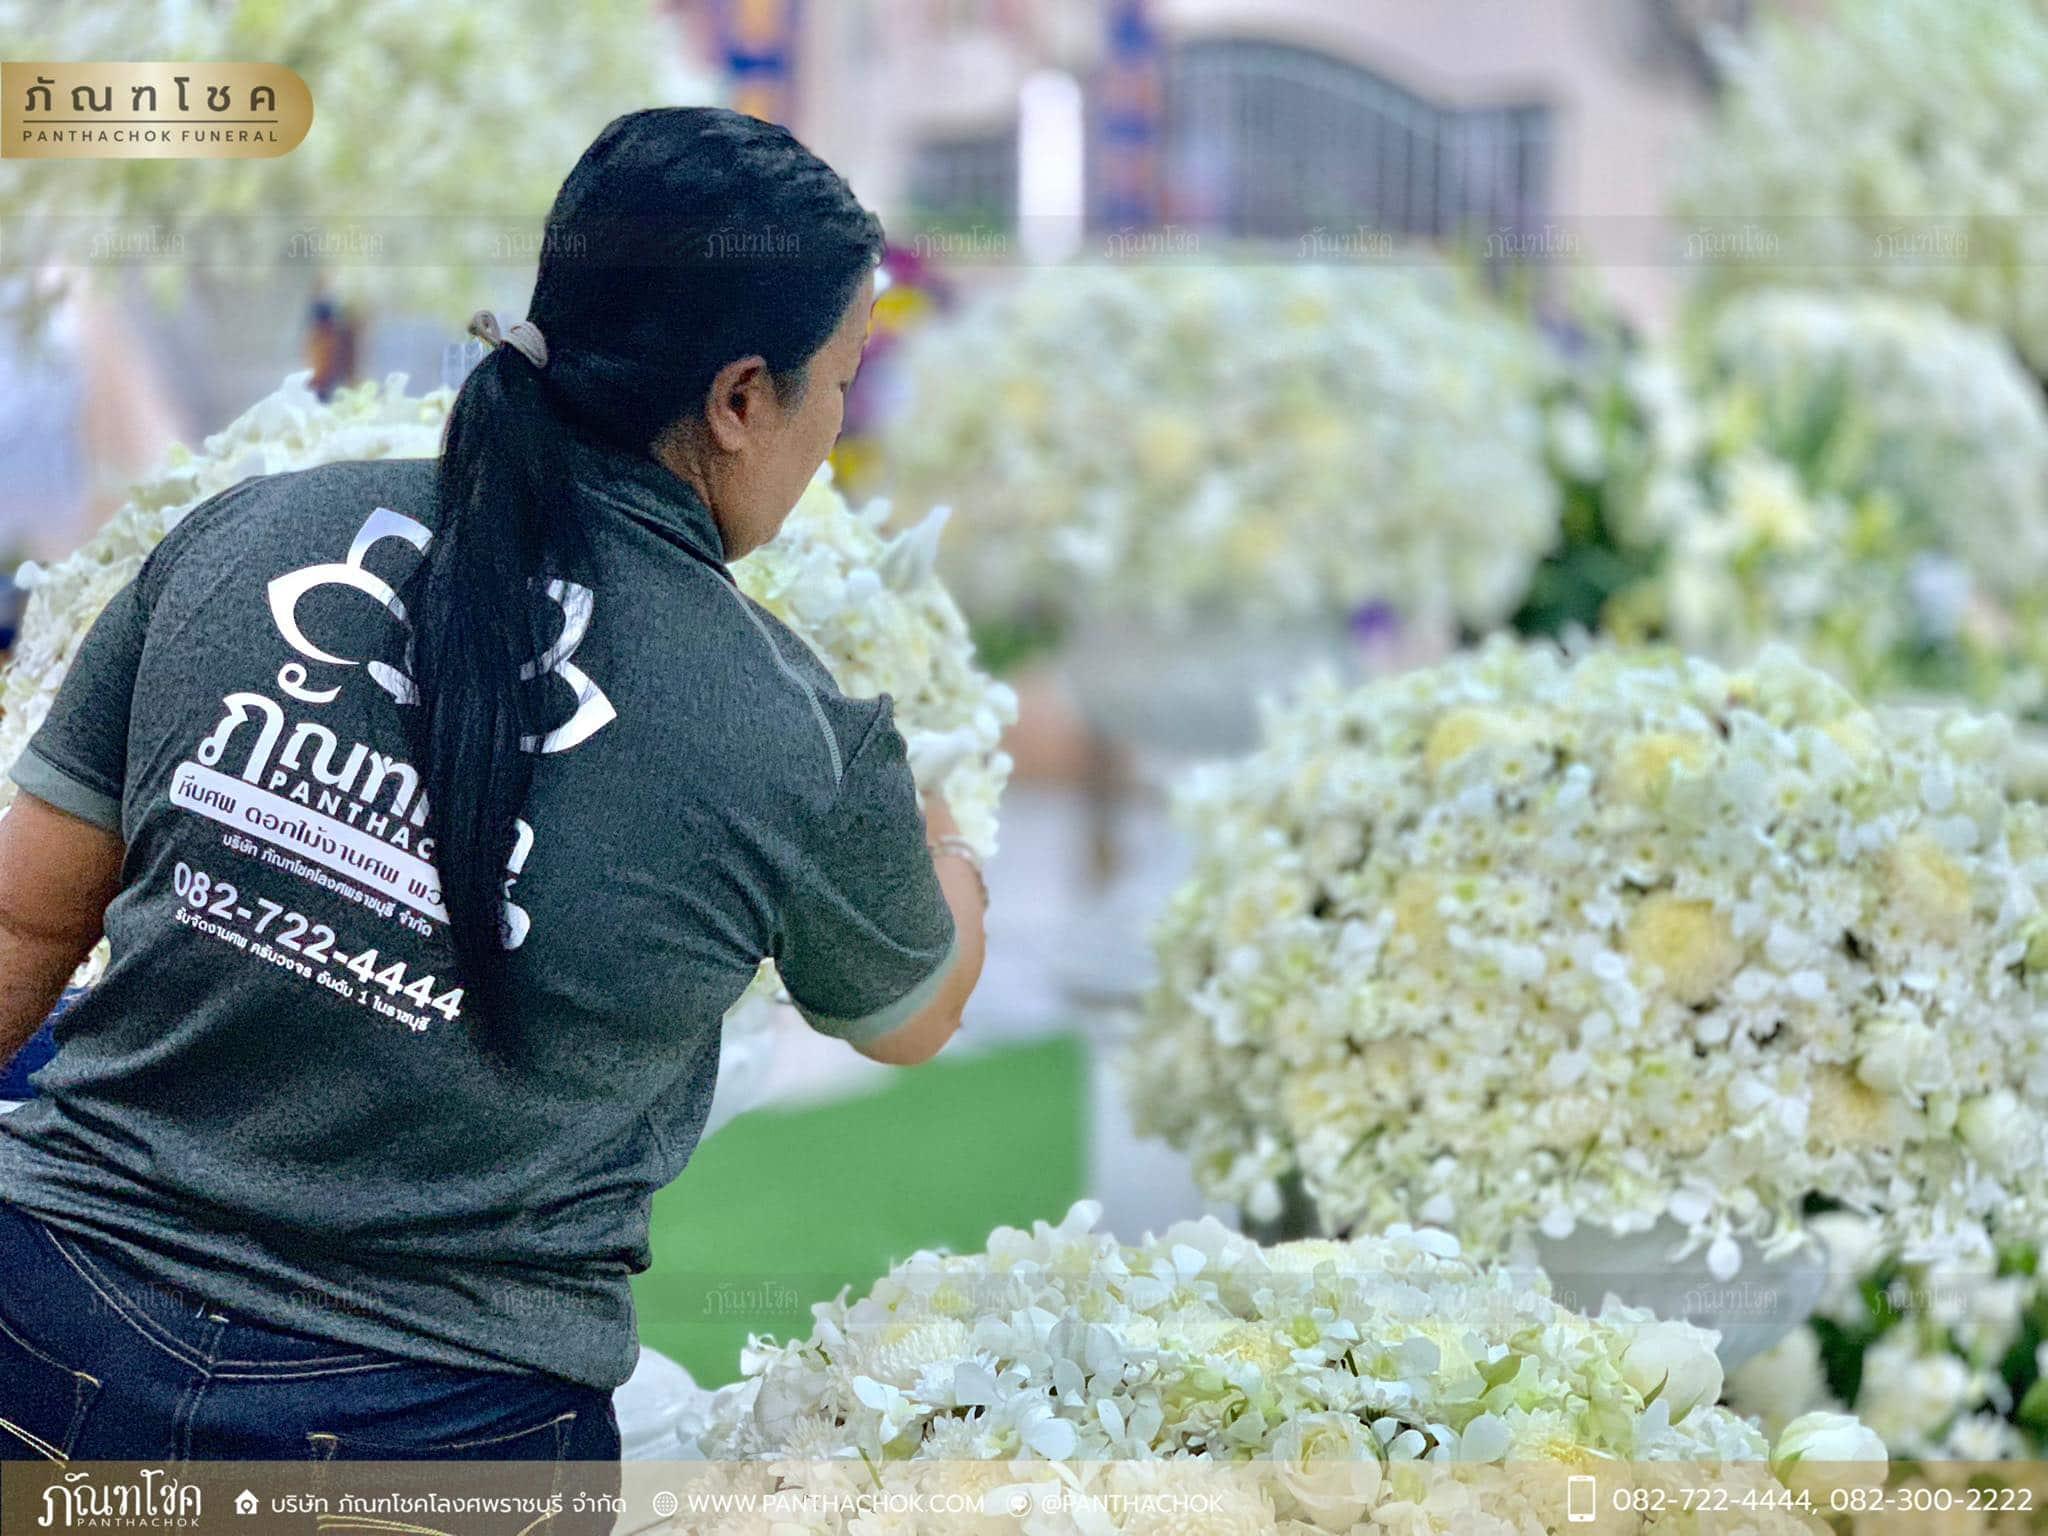 ผลงานจัดดอกไม้ ณ มูลนิธิแพร่ศีลธรรมการกุศลสงเคราะห์ 5